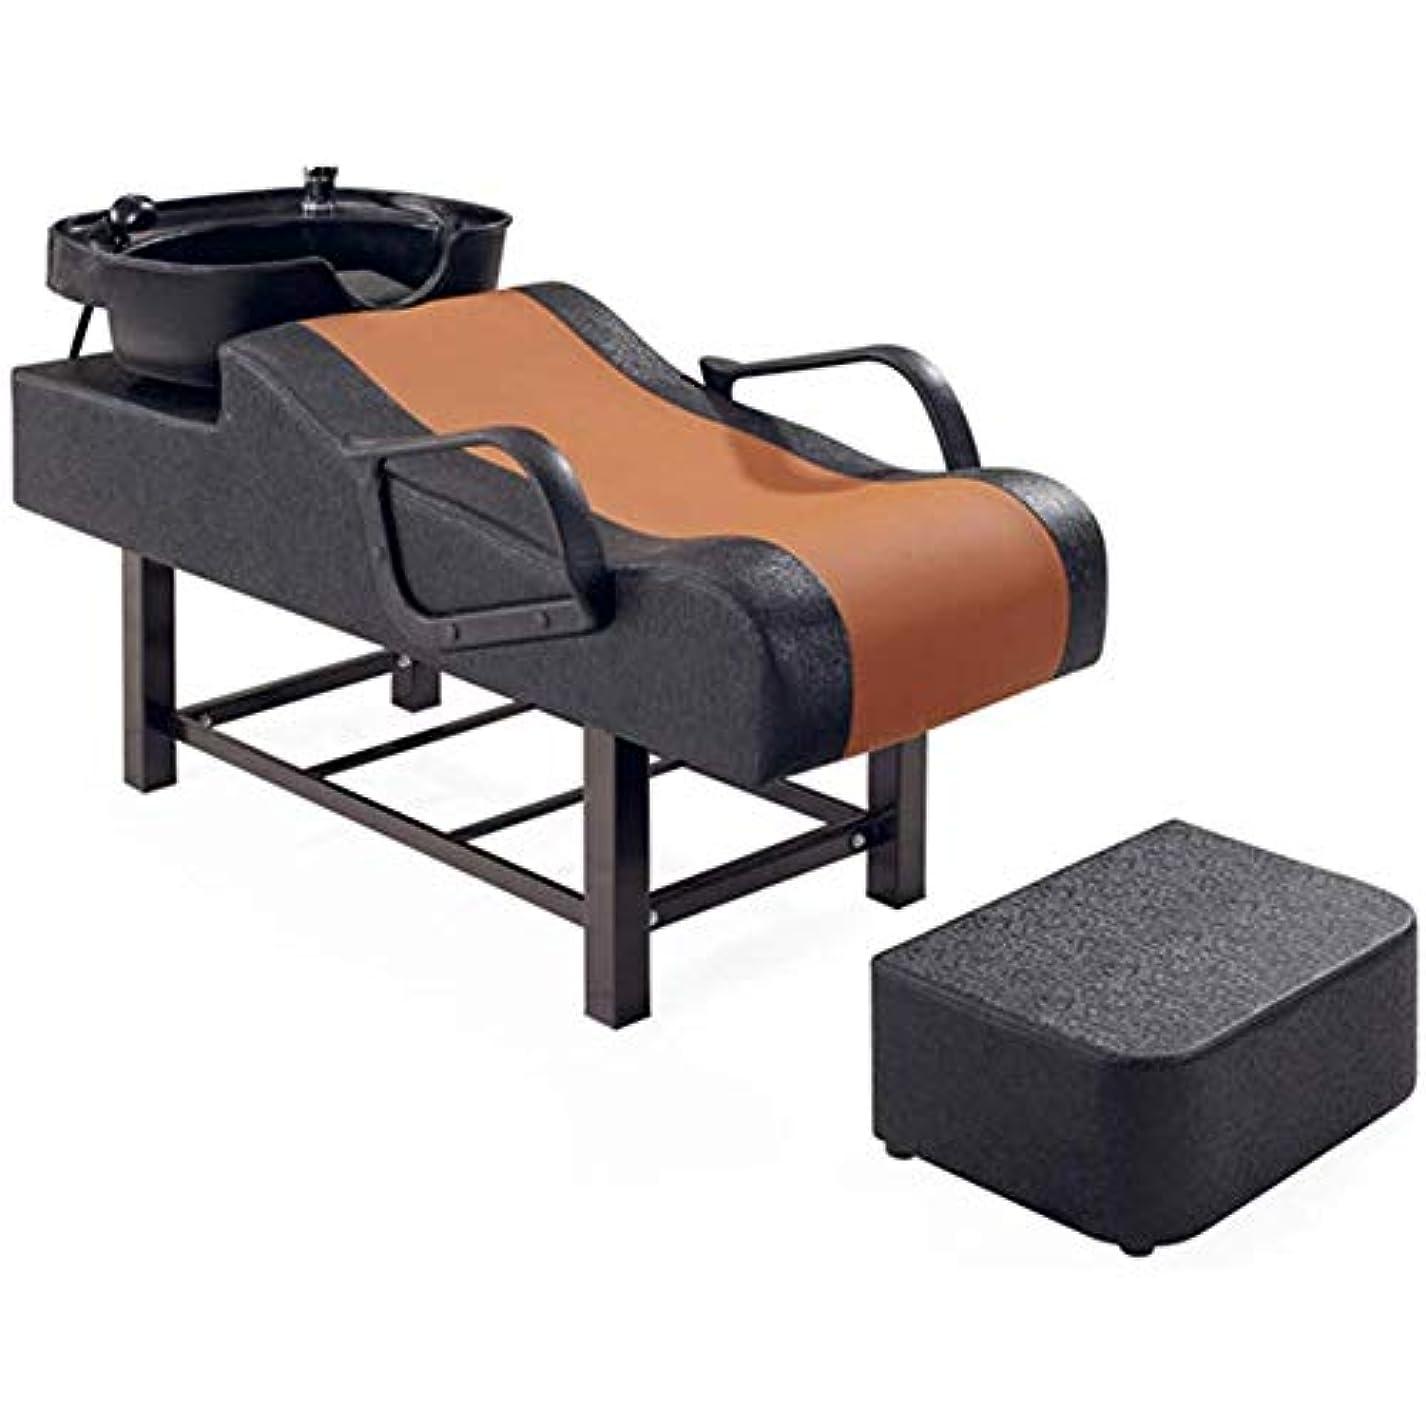 空中シニスシニスシャンプーの理髪師の逆洗の椅子、スパ美容院パンチベッドフラッシングベッド用シャンプーボウルシンクチェア